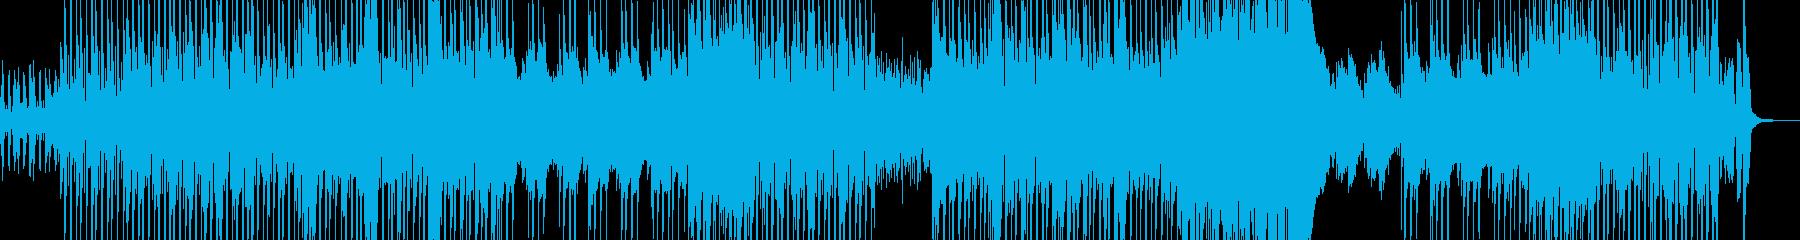 南の島とトロピカルなレゲトンの再生済みの波形